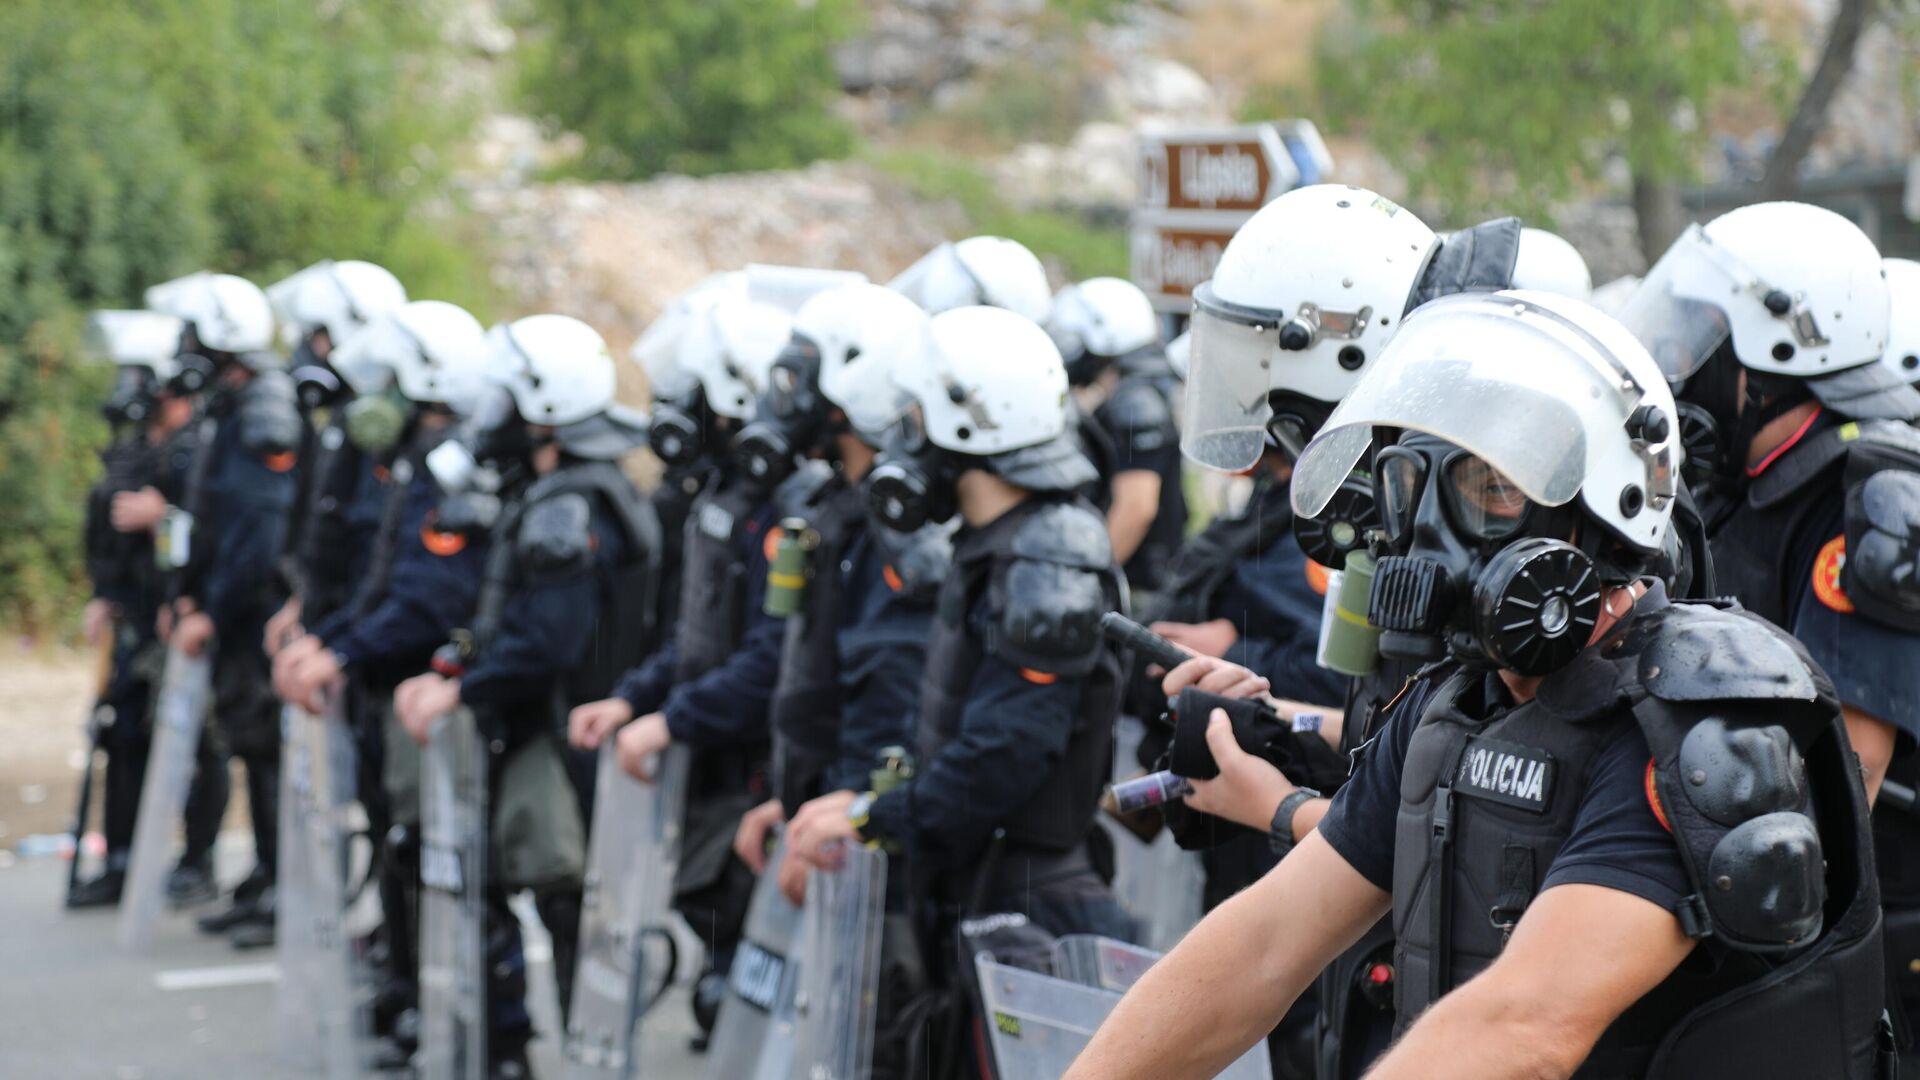 Полиција на блокадама испред Цетиња претреса и приводи учеснике - Sputnik Србија, 1920, 06.09.2021